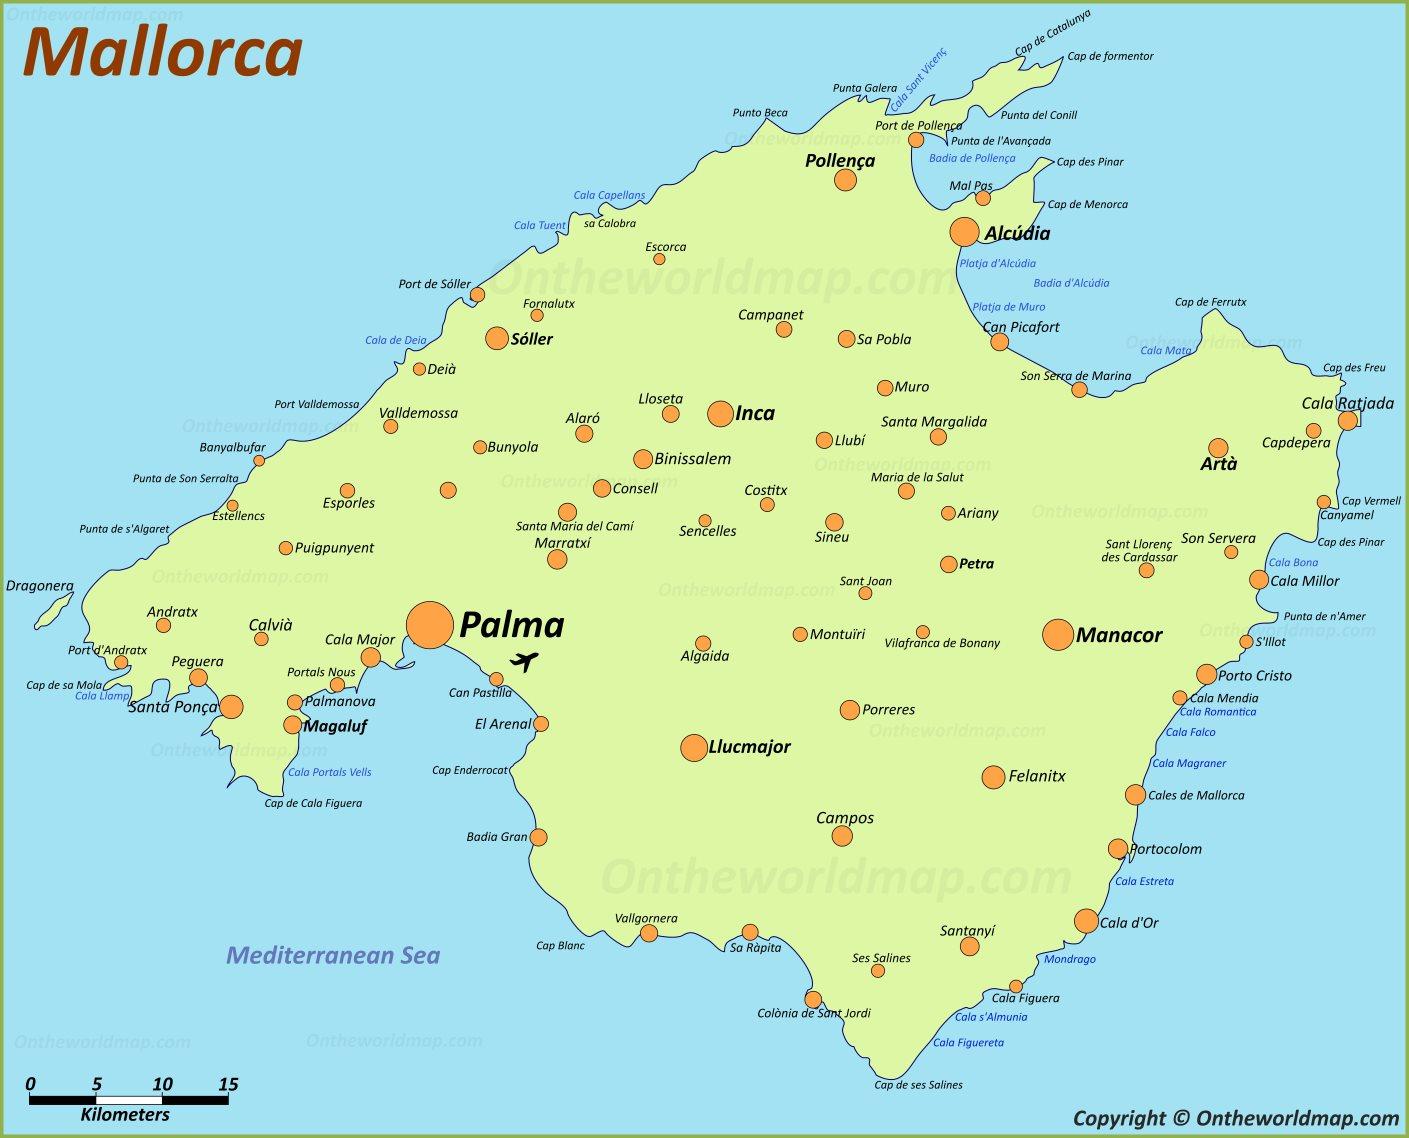 Mapa Carreteras De Mallorca.Mallorca Mapa Islas Baleares Espana Mapa De Mallorca